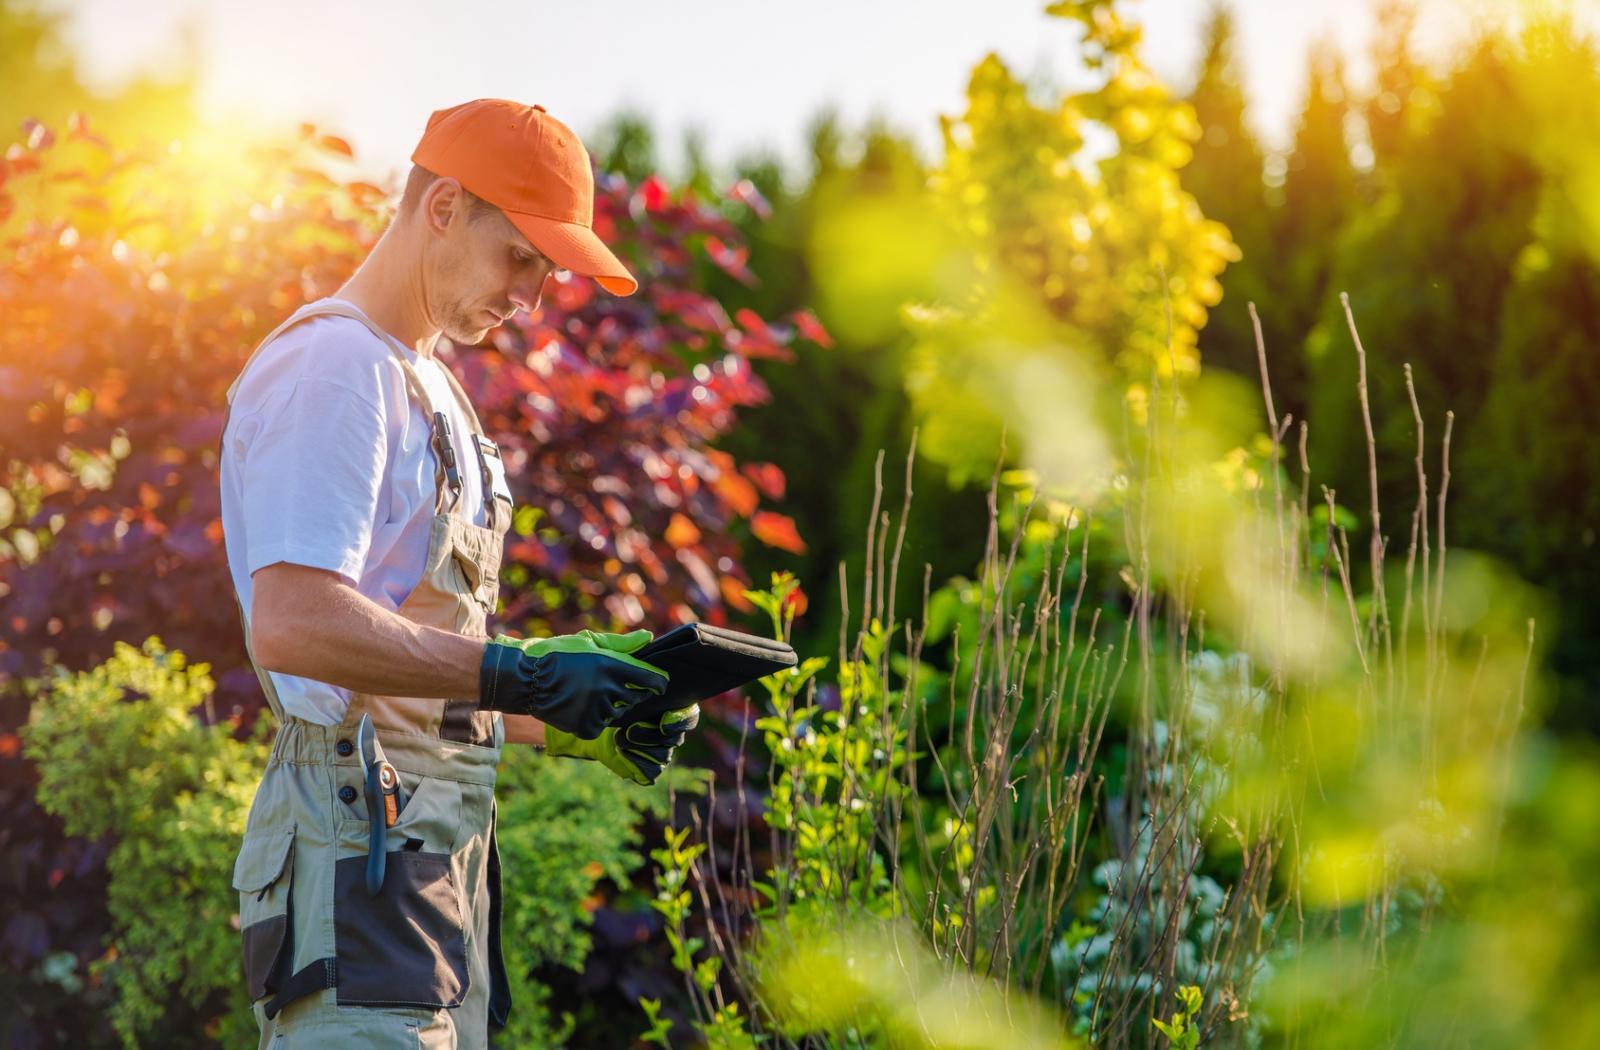 Pépinière spécialisée gazon, plantes et terre végétale à Plan de campagne